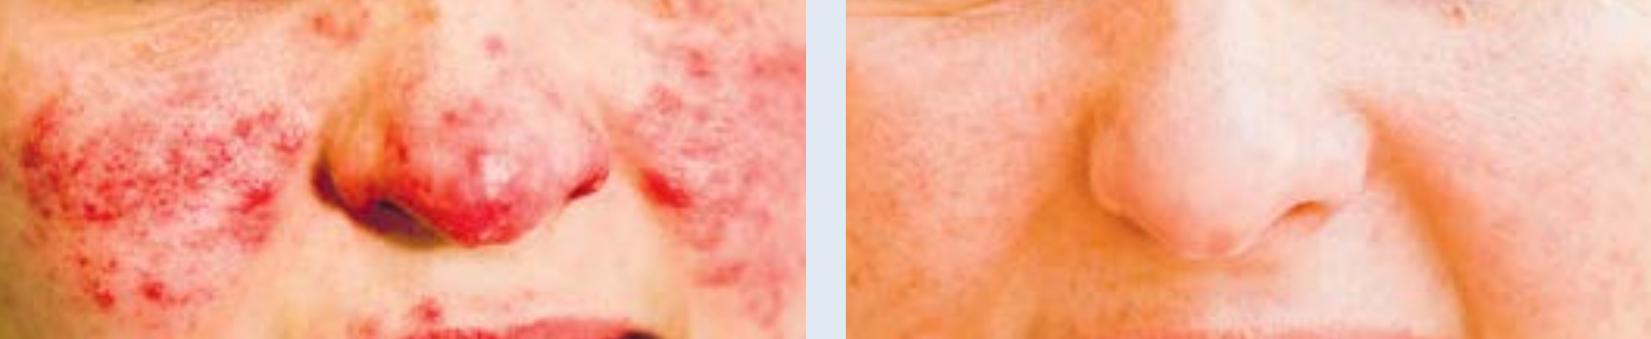 Eine schwere Rosacea vor und nach einer Laserbehandlung. Die Rötungen sowie entzündliche Pickel sind nach mehreren Sitzungen vollständig verschwunden.